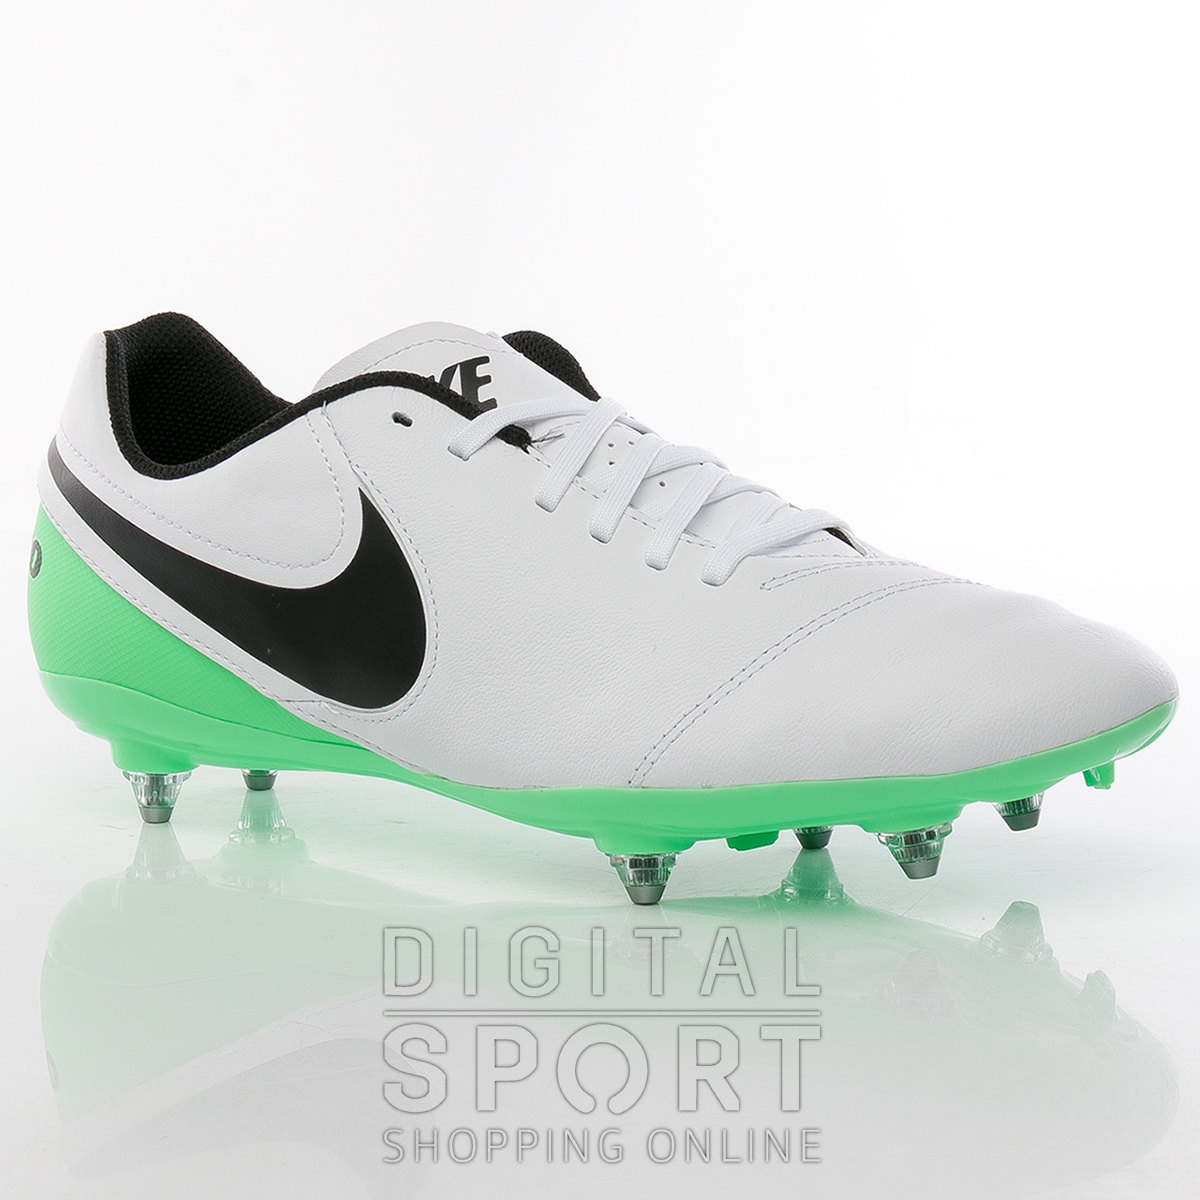 Humo Determinar con precisión escotilla  botines nike rugby Shop Clothing & Shoes Online